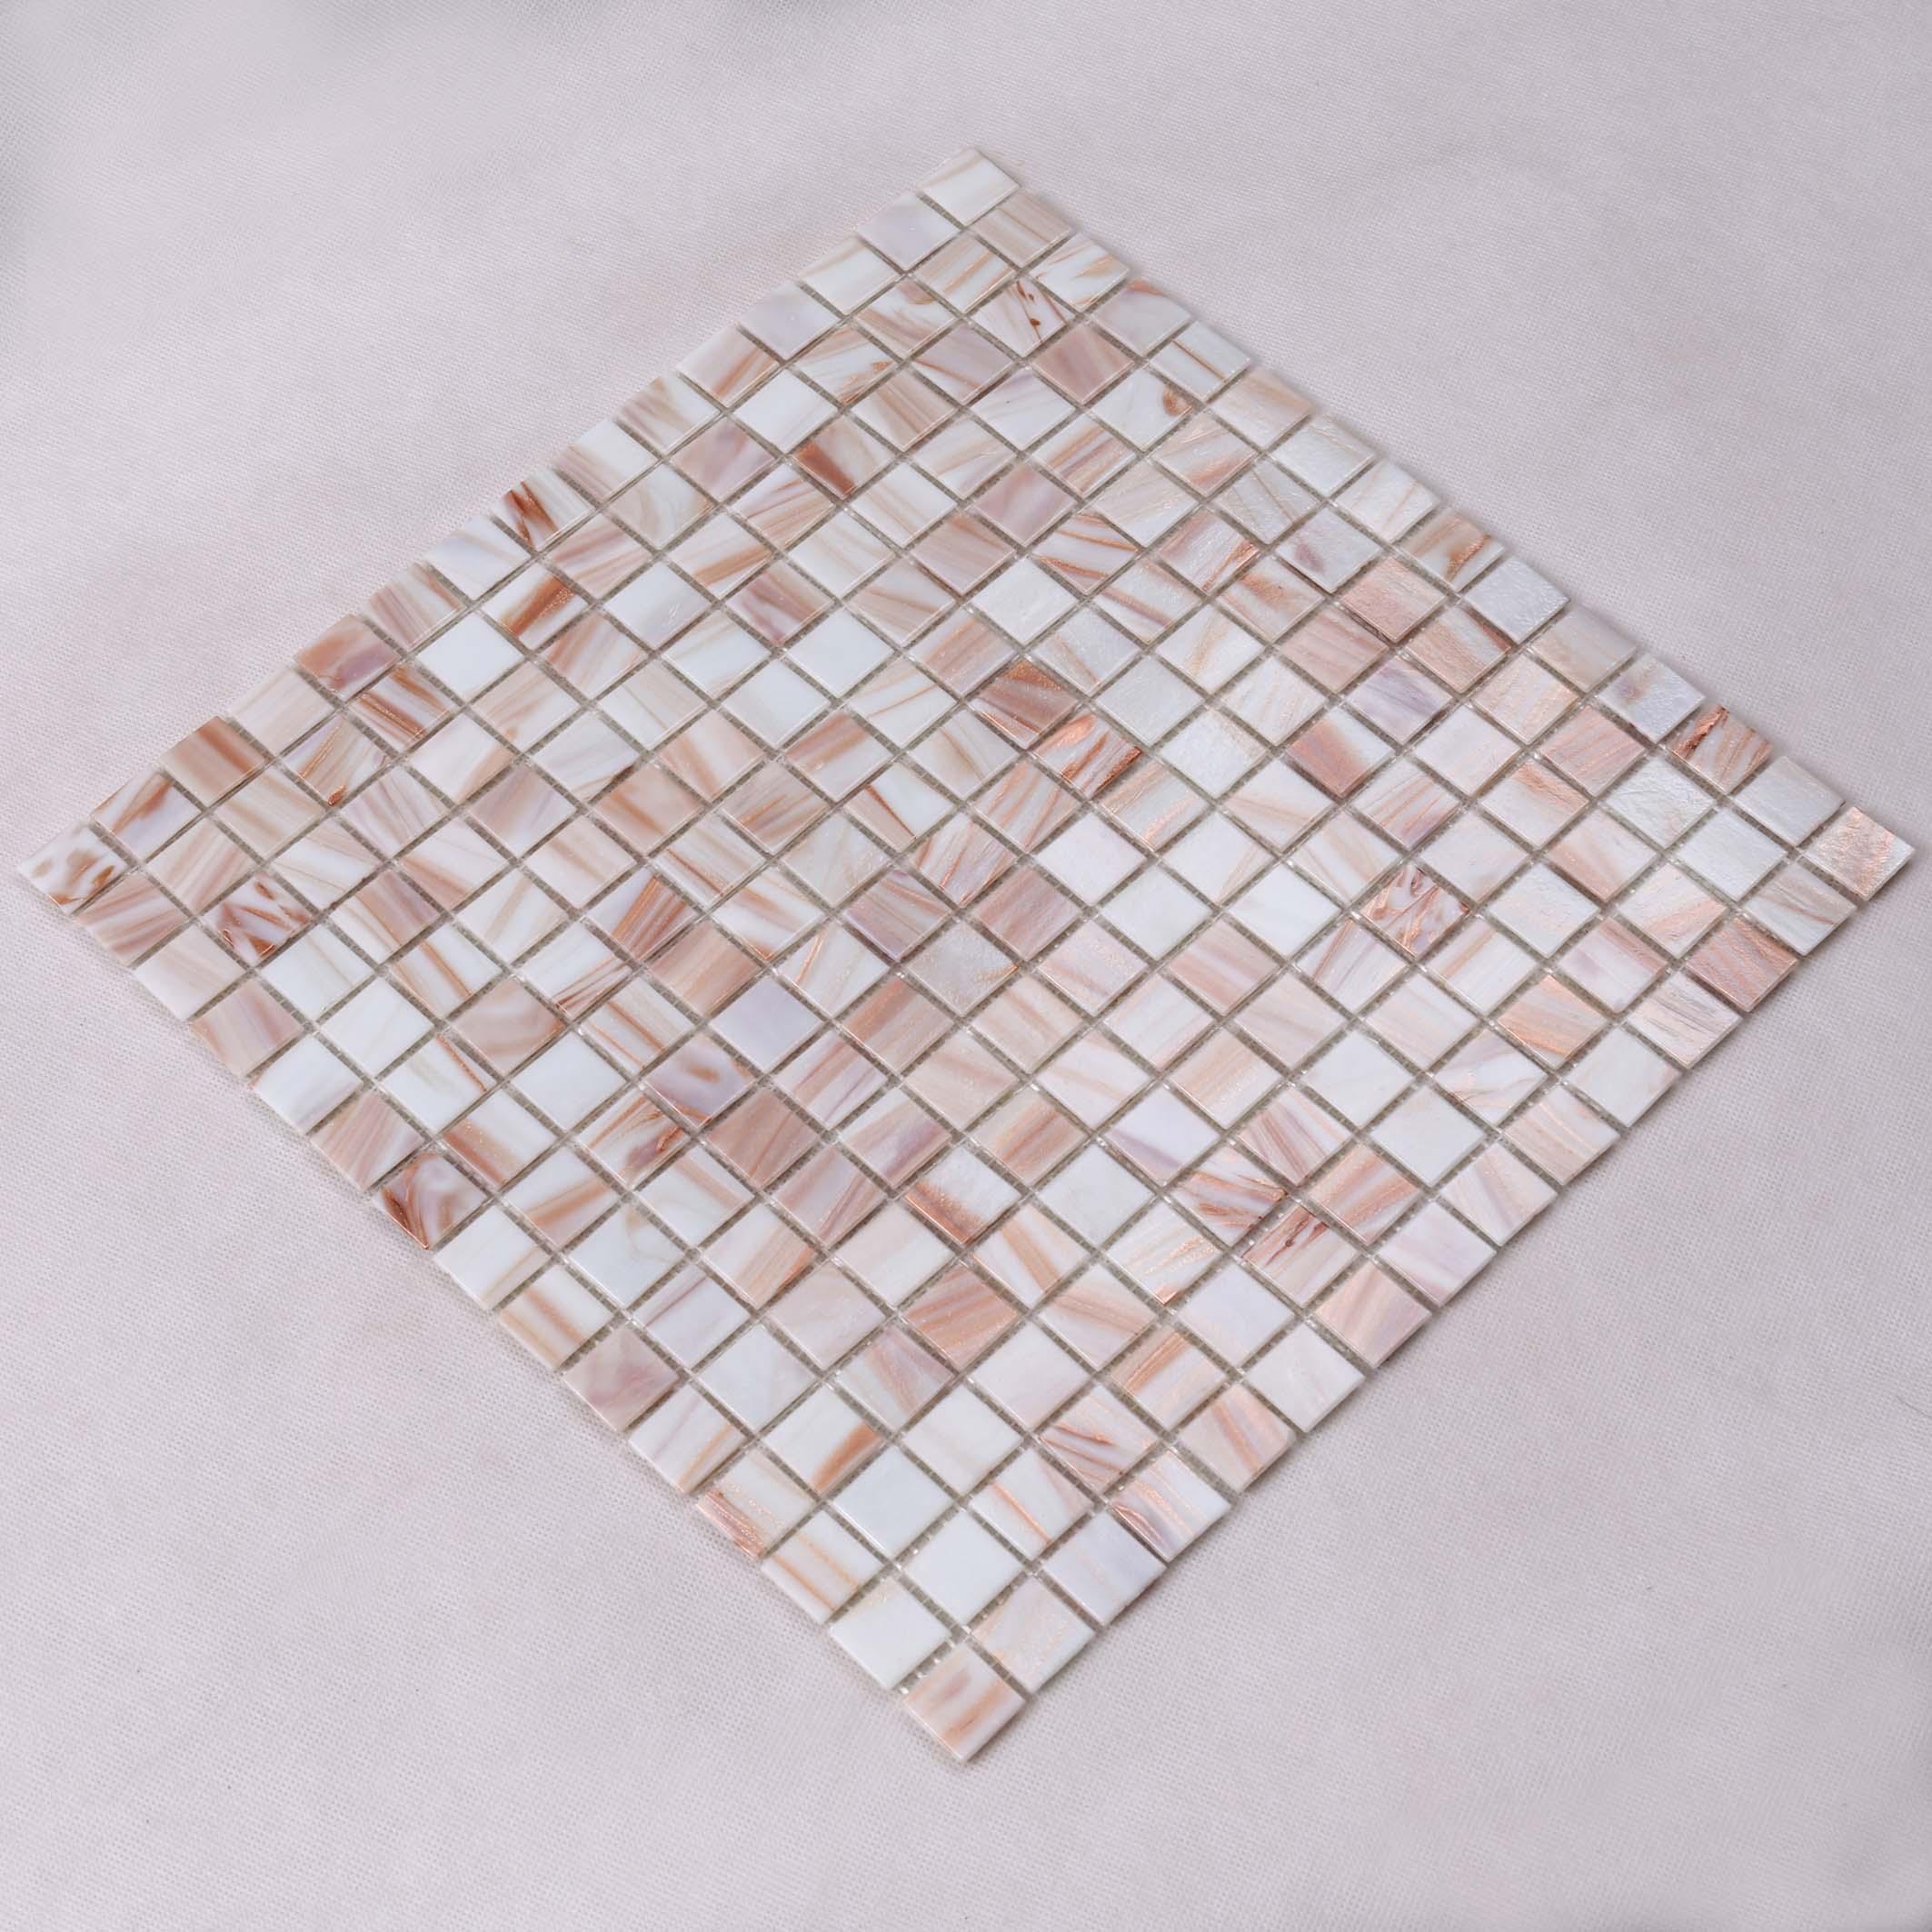 Heng Xing-Bulk Pool Tile Manufacturer, Black Pool Tiles | Heng Xing-2